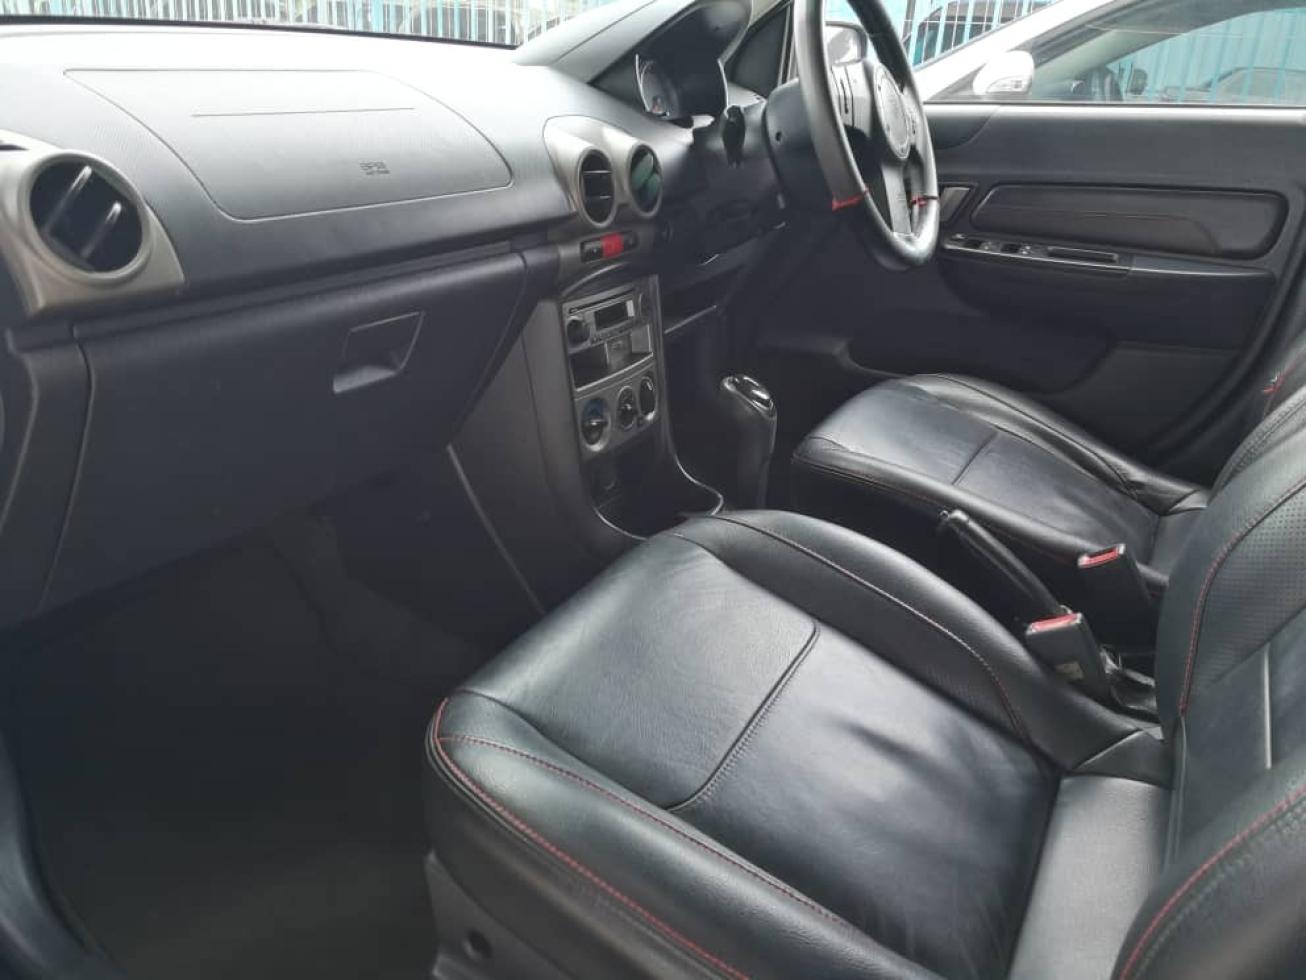 2015 Proton SAGA 1.3 FLX (A)SE leather seat